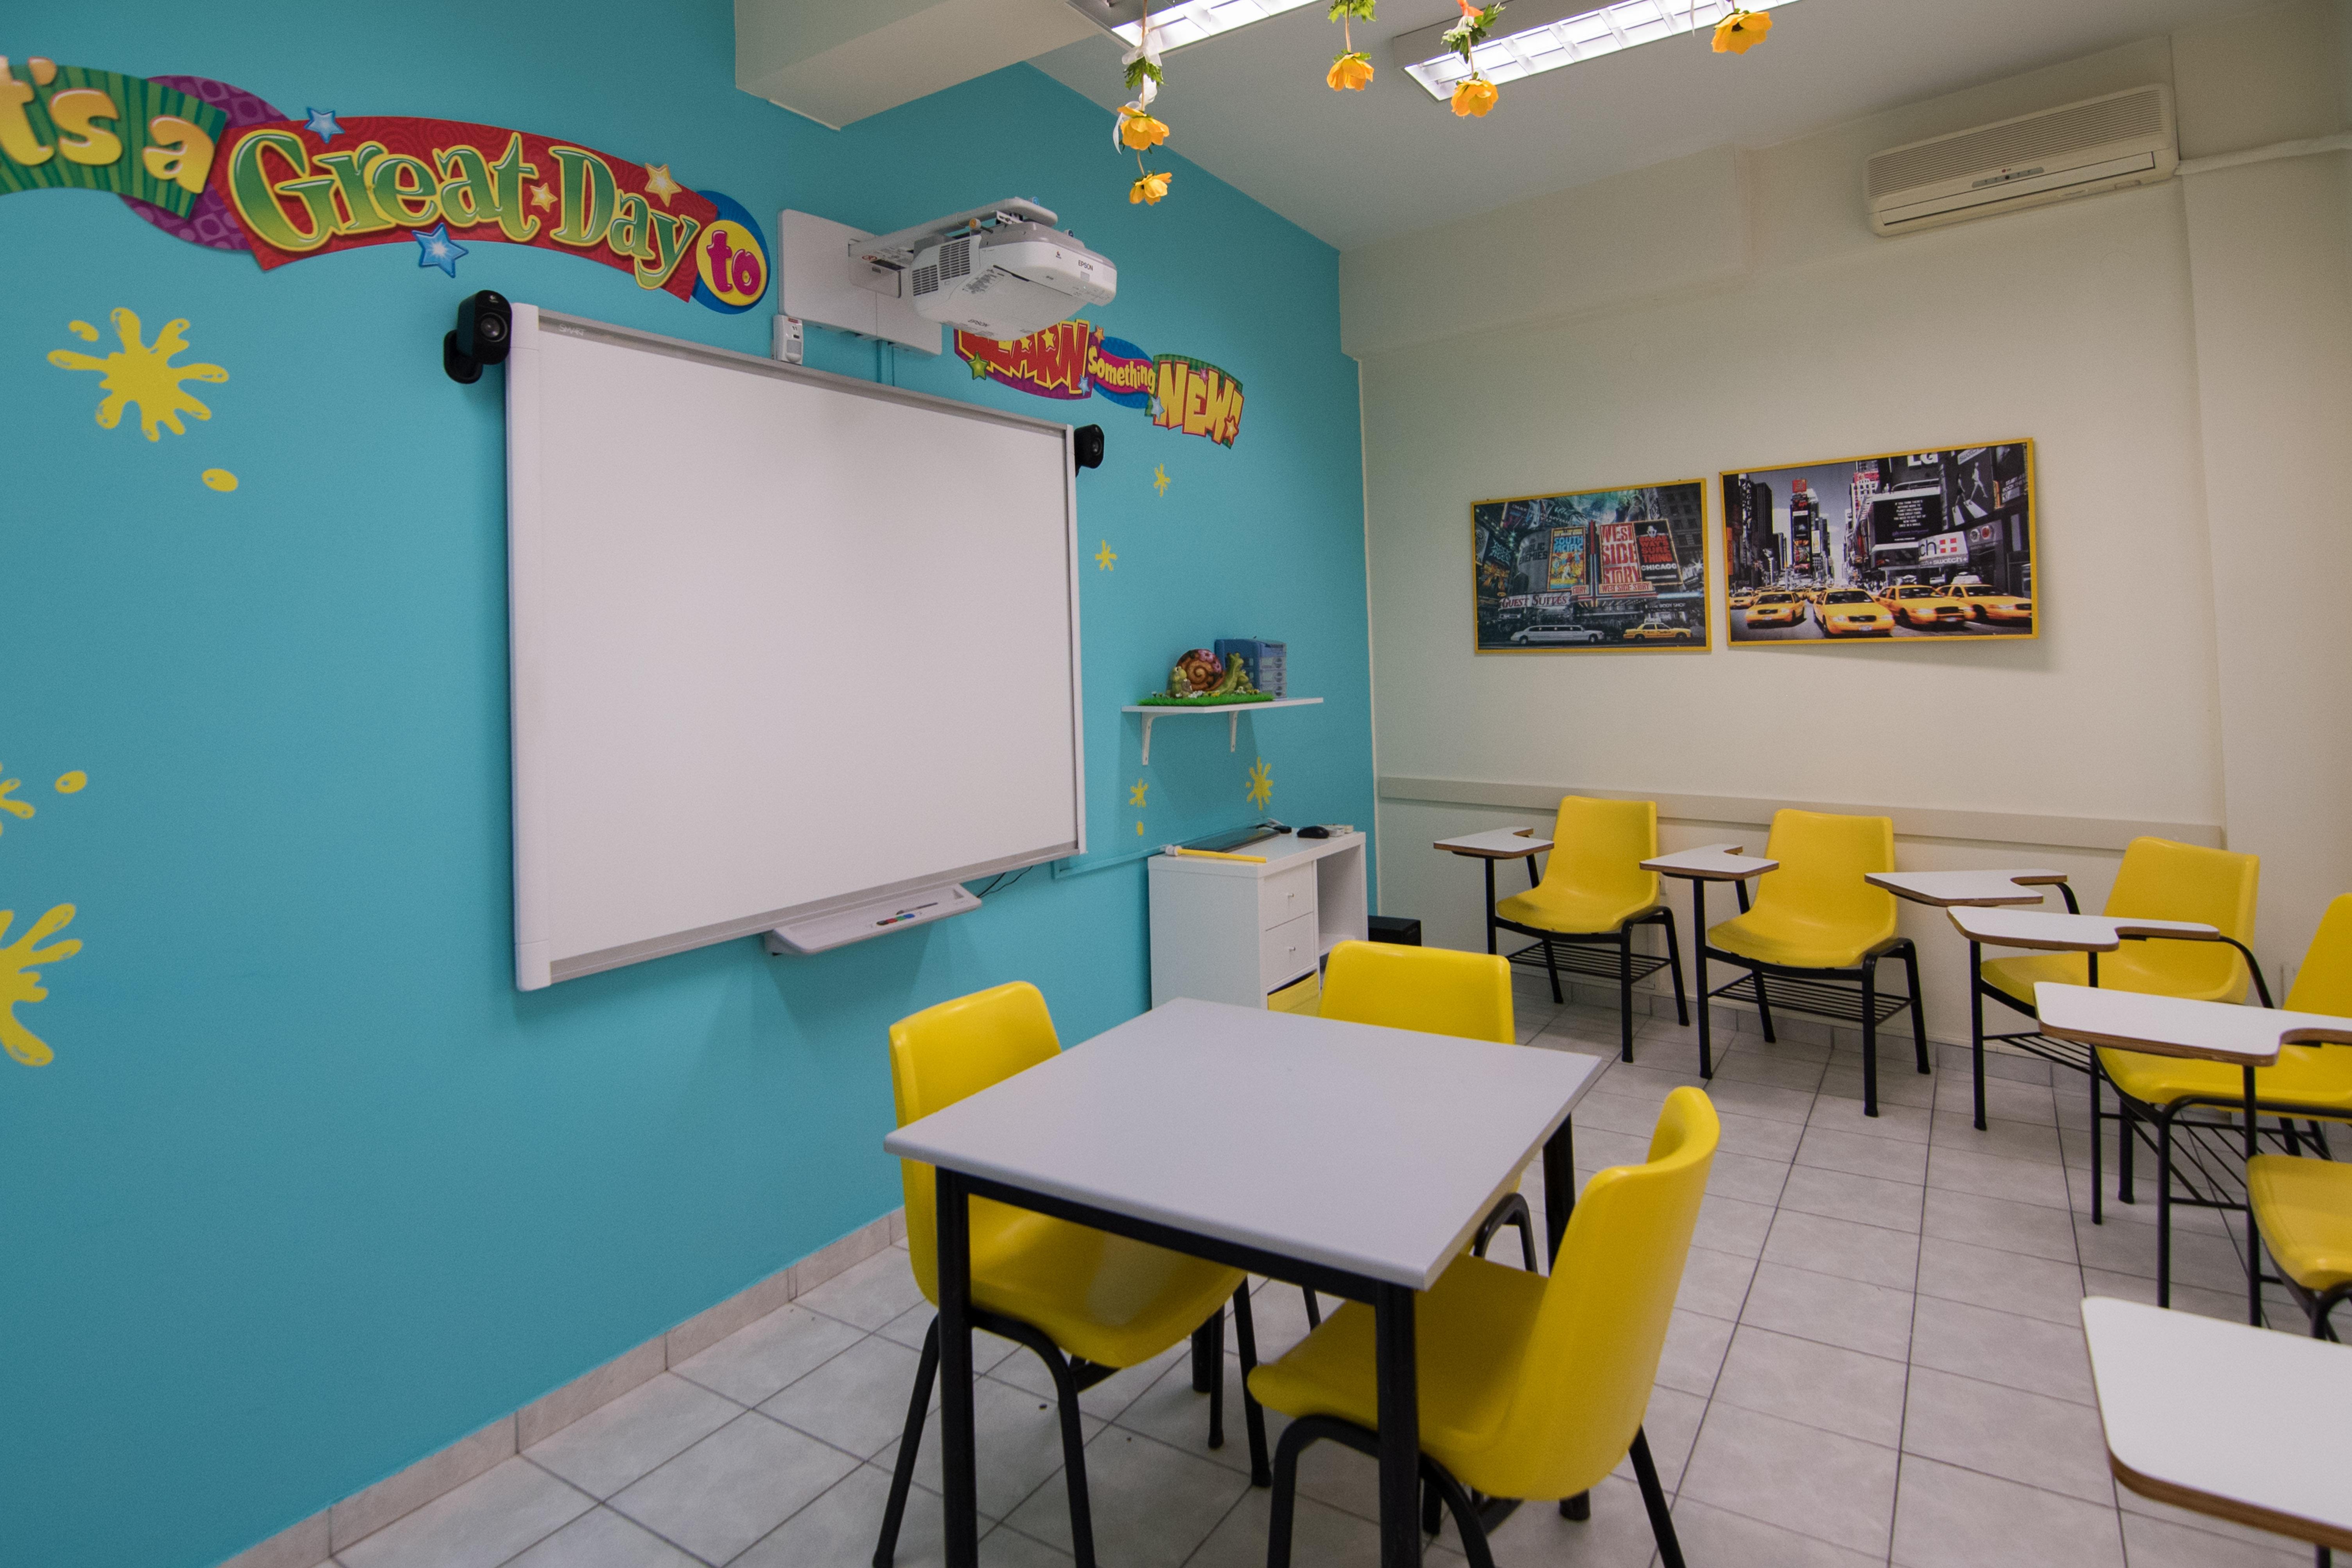 Αίθουσα 3 κεντρικού σχολείου